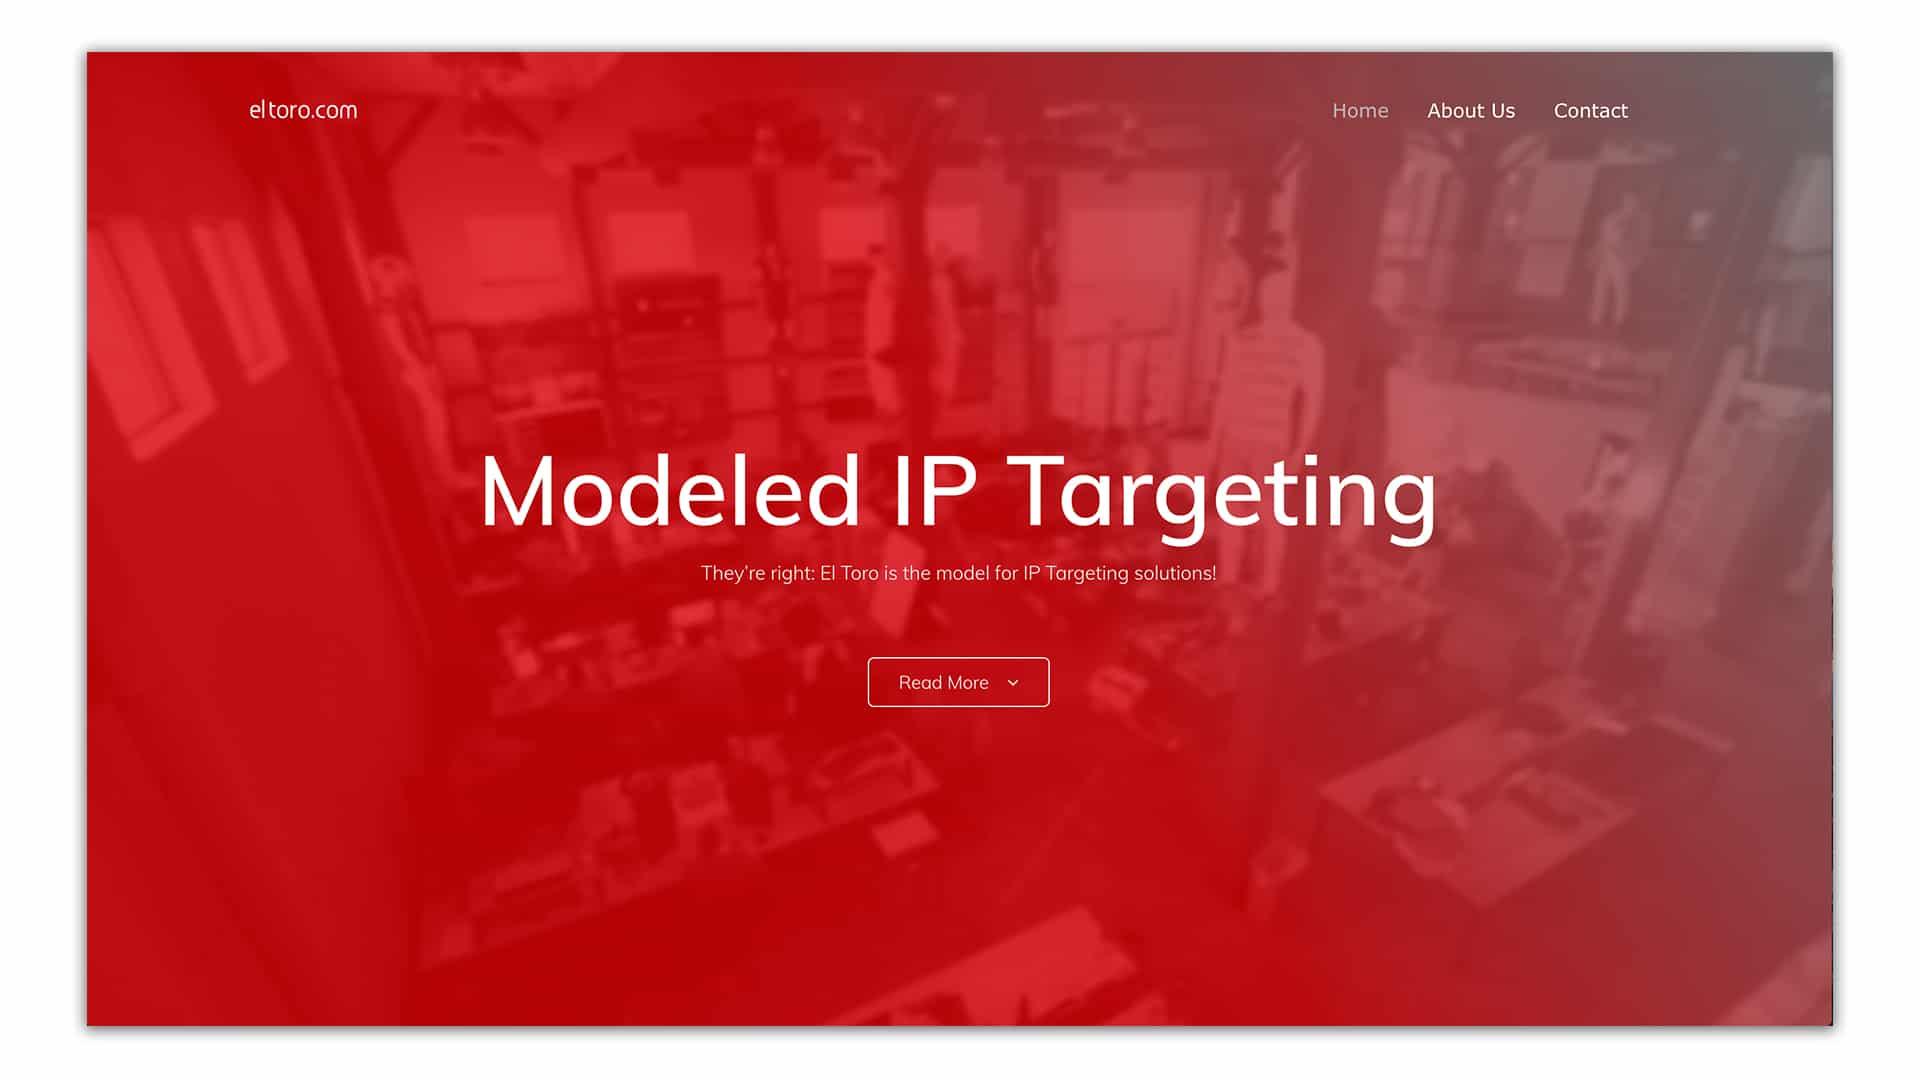 modeled ip targeting